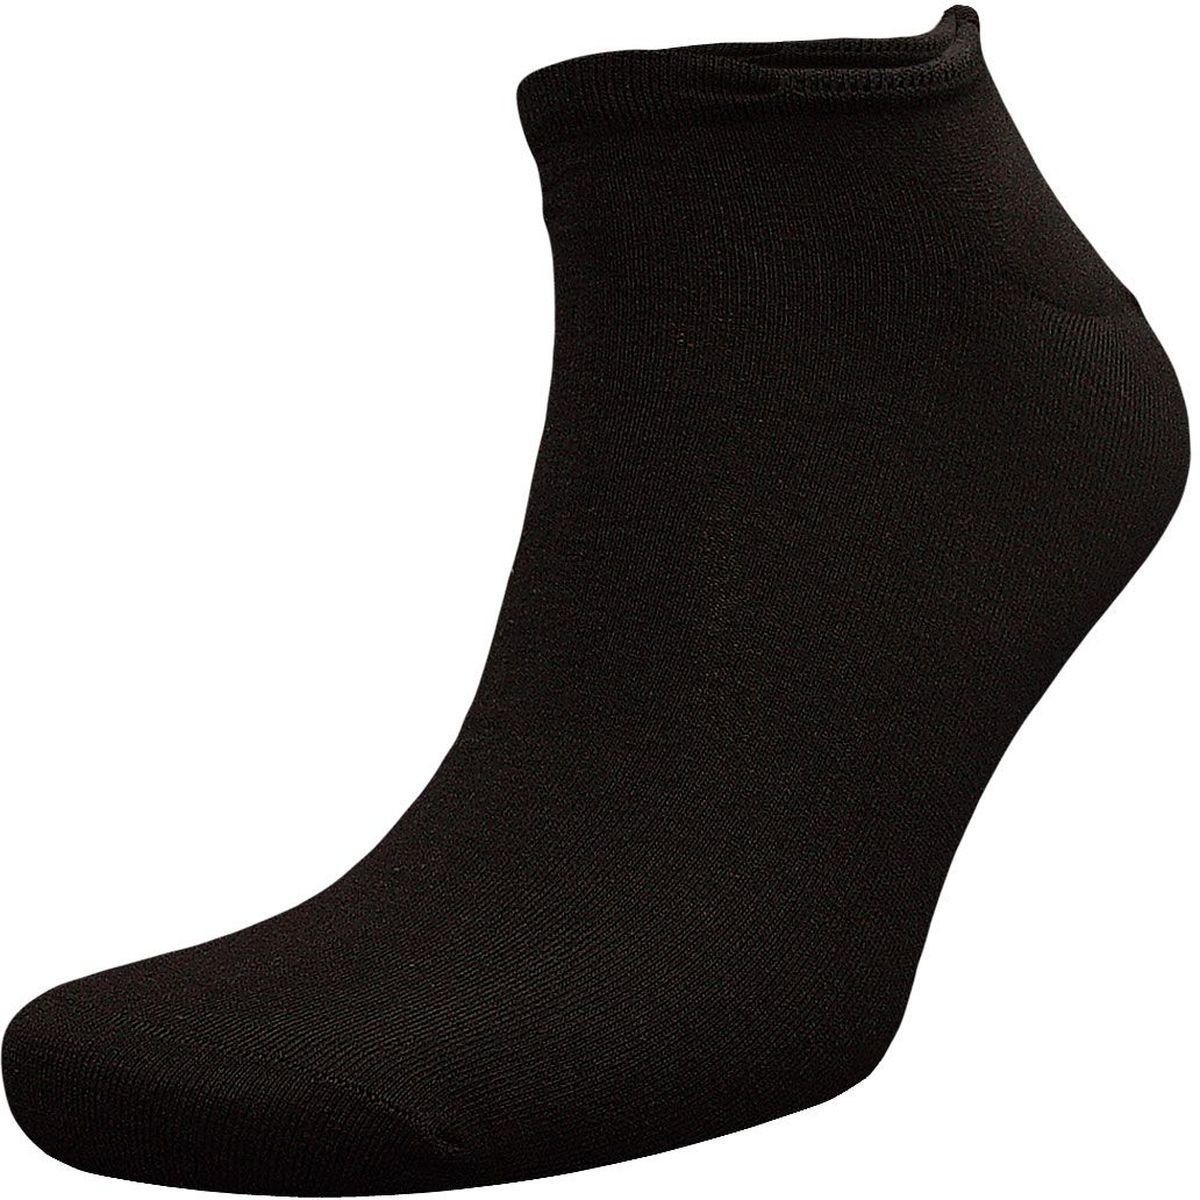 НоскиZCL4Мужские носки Гранд выполнены из хлопка и оформлены на паголенке рисунком гребешок. Основа материала - высококачественный хлопок. Носки хорошо держат форму и обладают повышенной воздухопроницаемостью, не линяют после многочисленных стирок, имеют оптимальную высоту паголенка, кеттельный шов и мягкую анатомическую резинку.